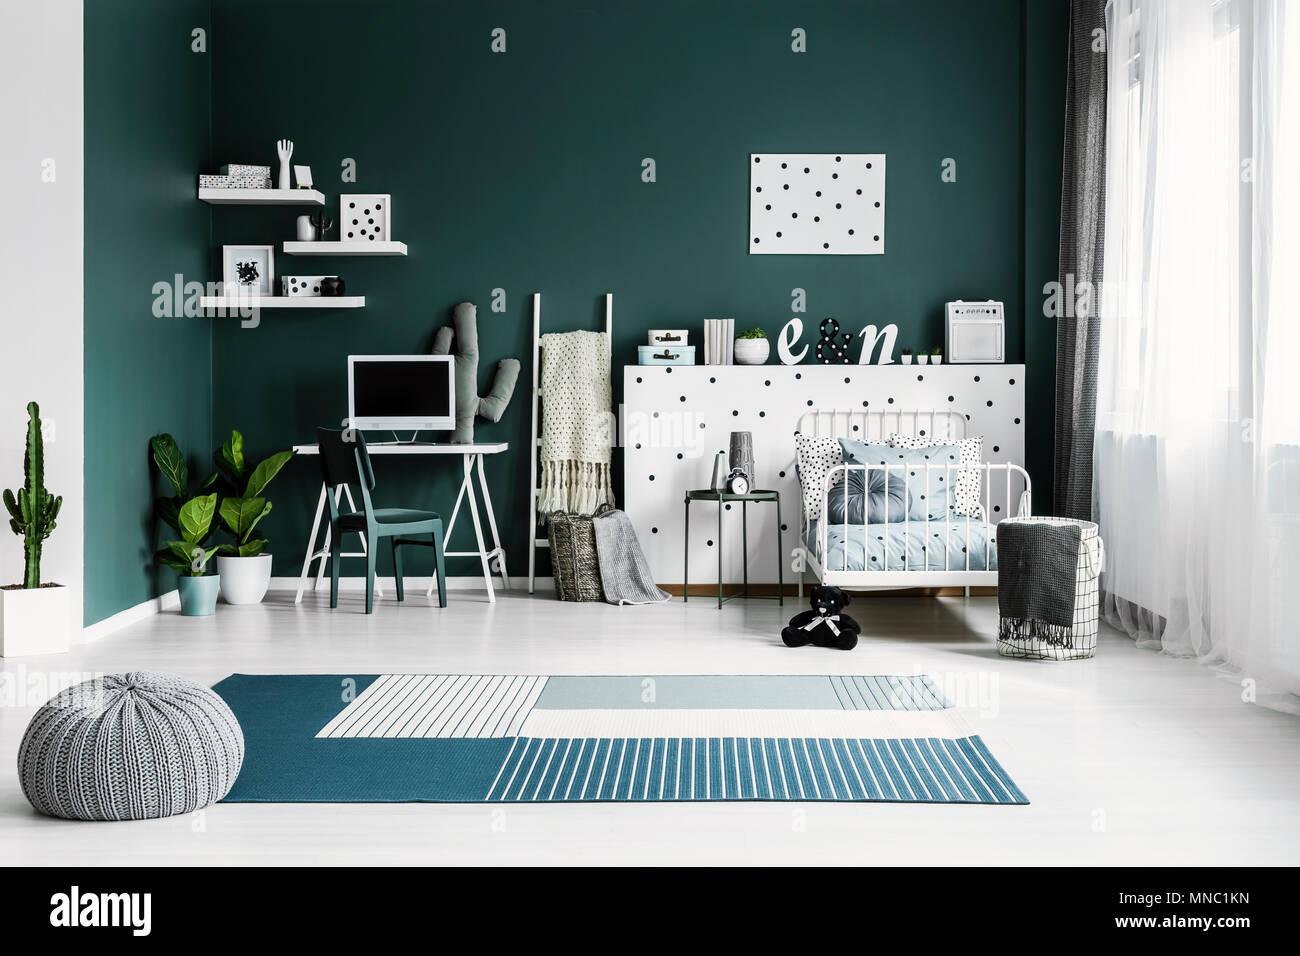 Pouf gris sur tapis bleu dans de spacieuses chambres avec intérieur ...